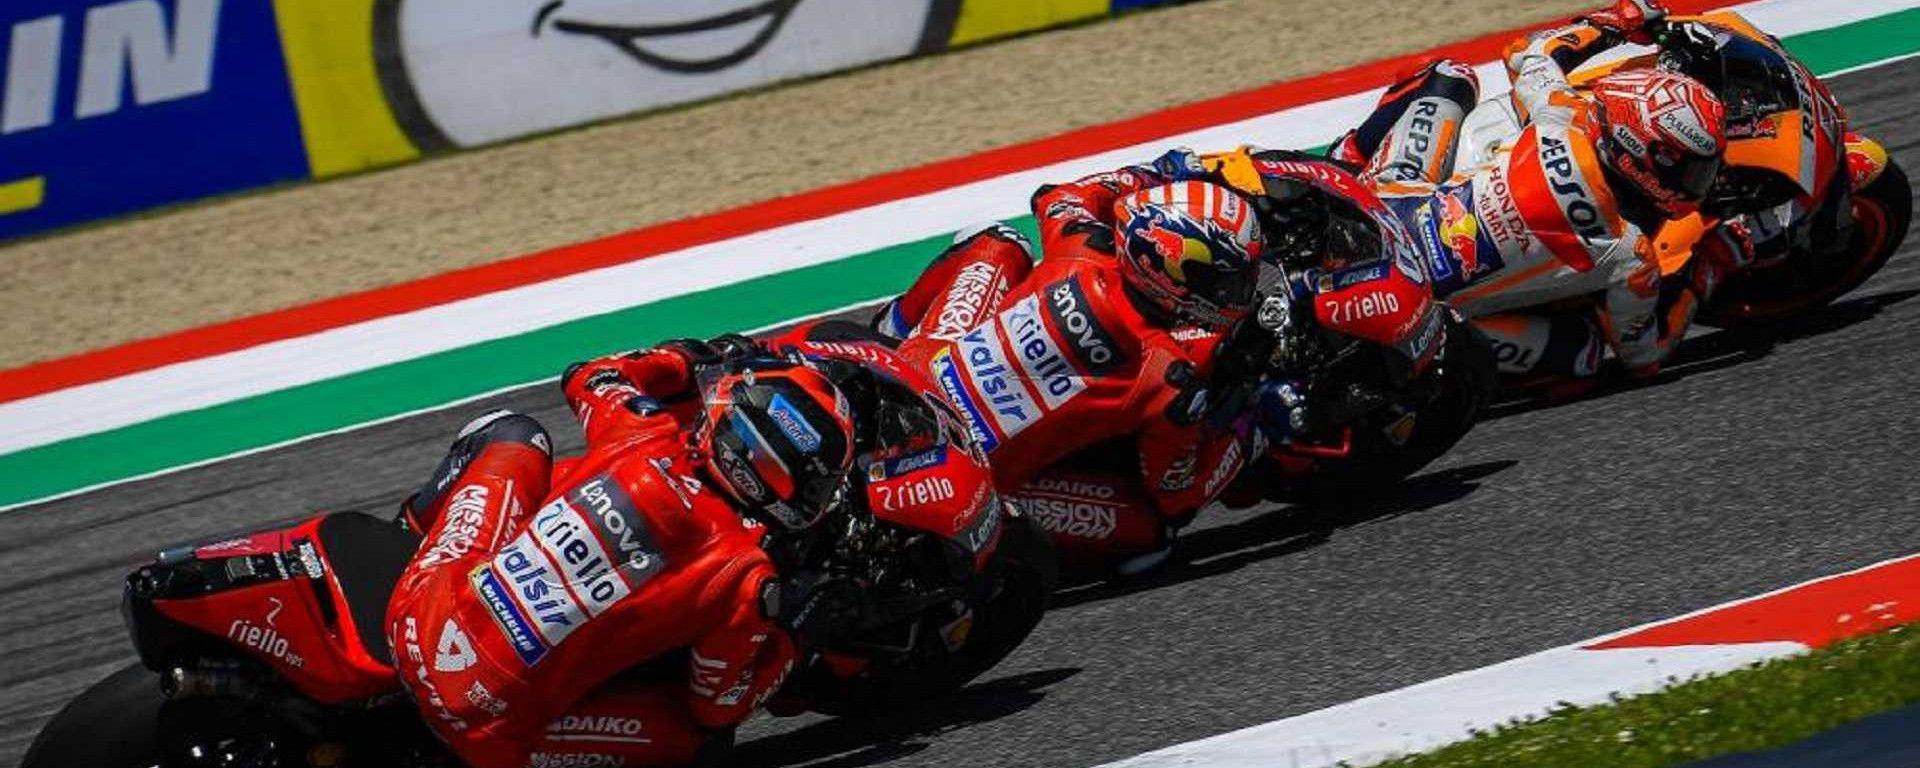 GP Italia 2019, Mugello: Dovizioso, Petrucci (Ducati) e Marquez (Honda)